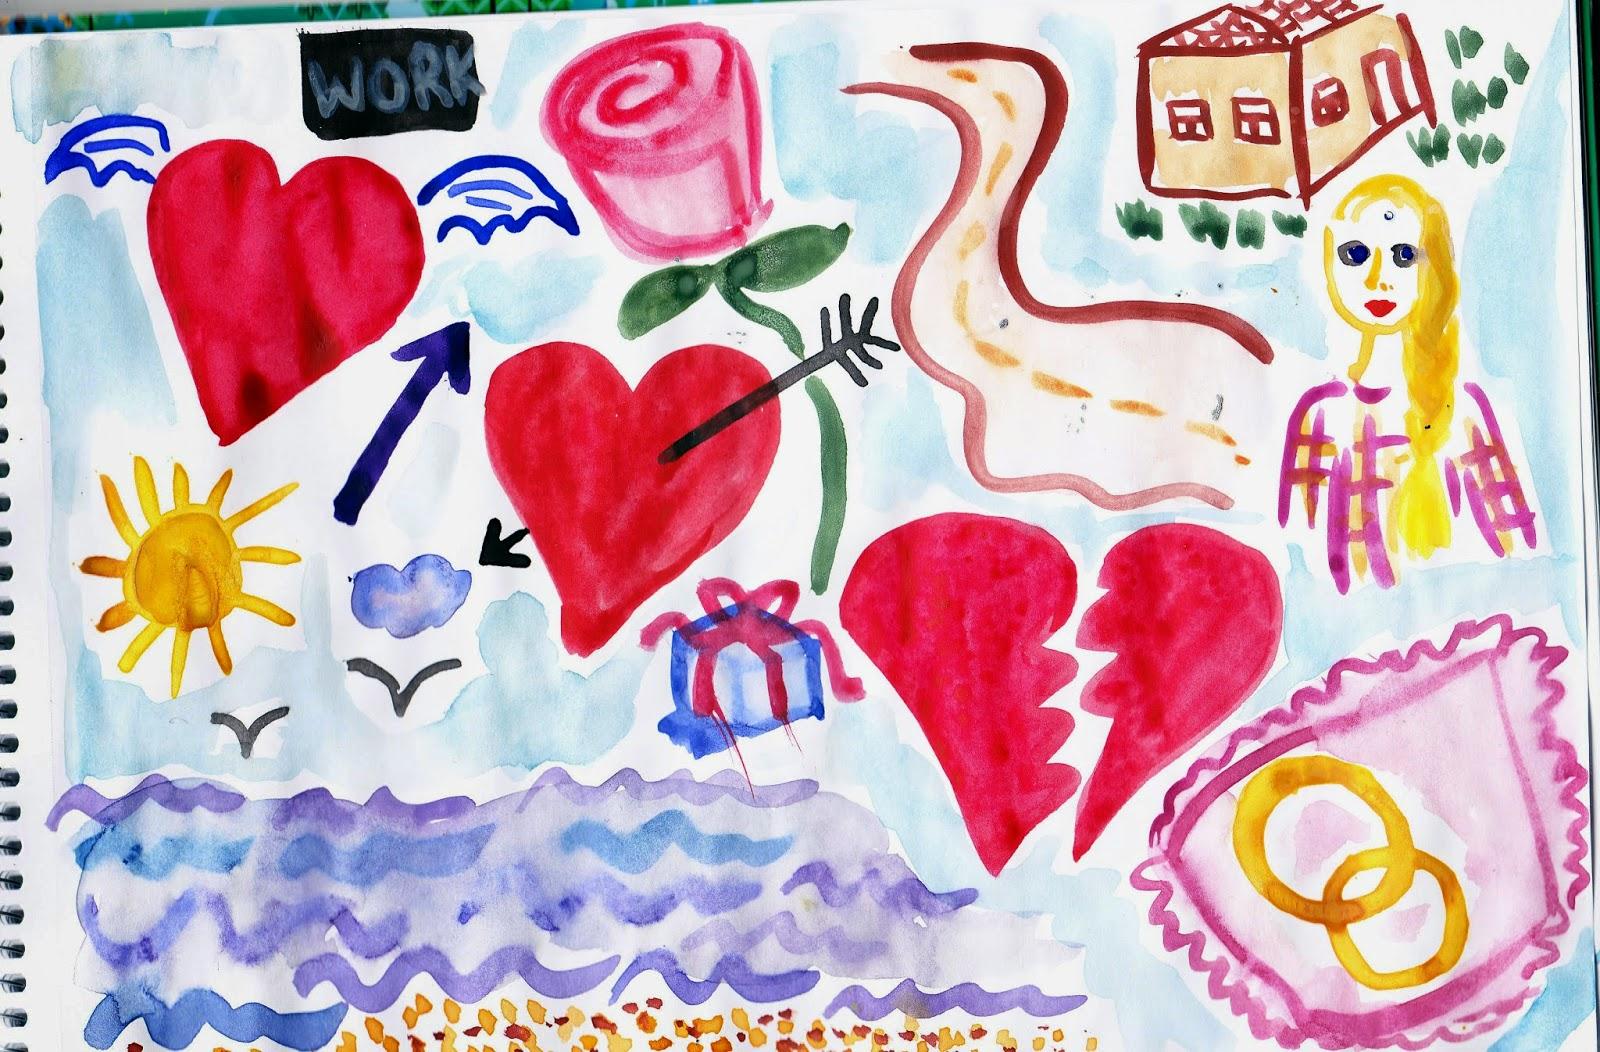 нарисованные картинки про любовь - Нарисованные сердечки Картинки про любовь